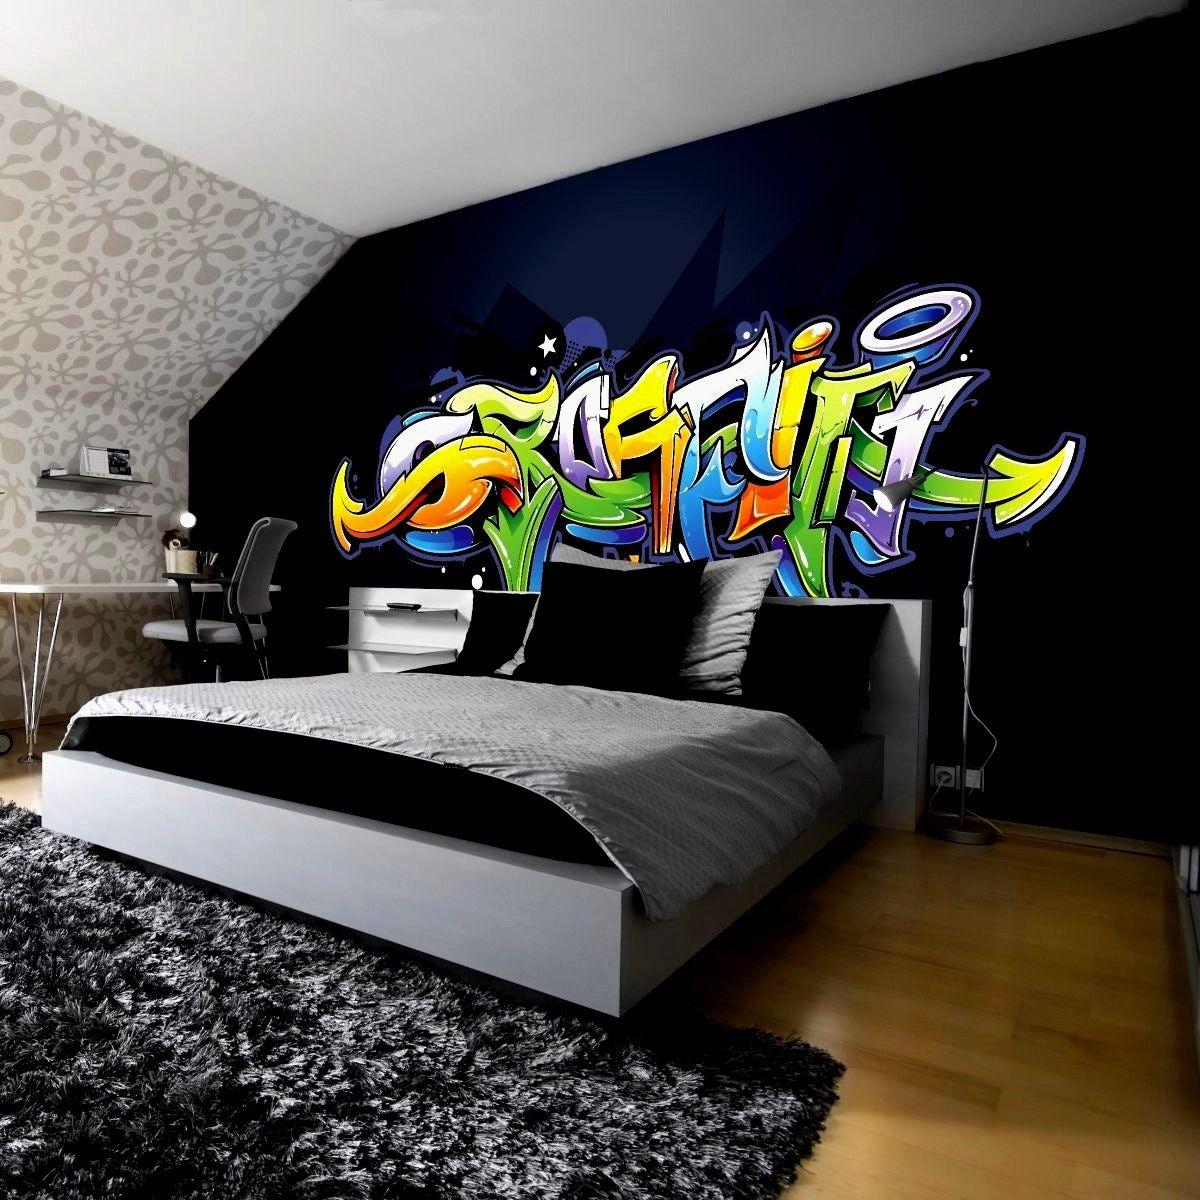 Hausliche Verbesserung Wandtattoo Jugendzimmer Graffiti Ideen Jungen At Wandtattoo Jugendzimmer Jugendzimmer Graffiti Tapete